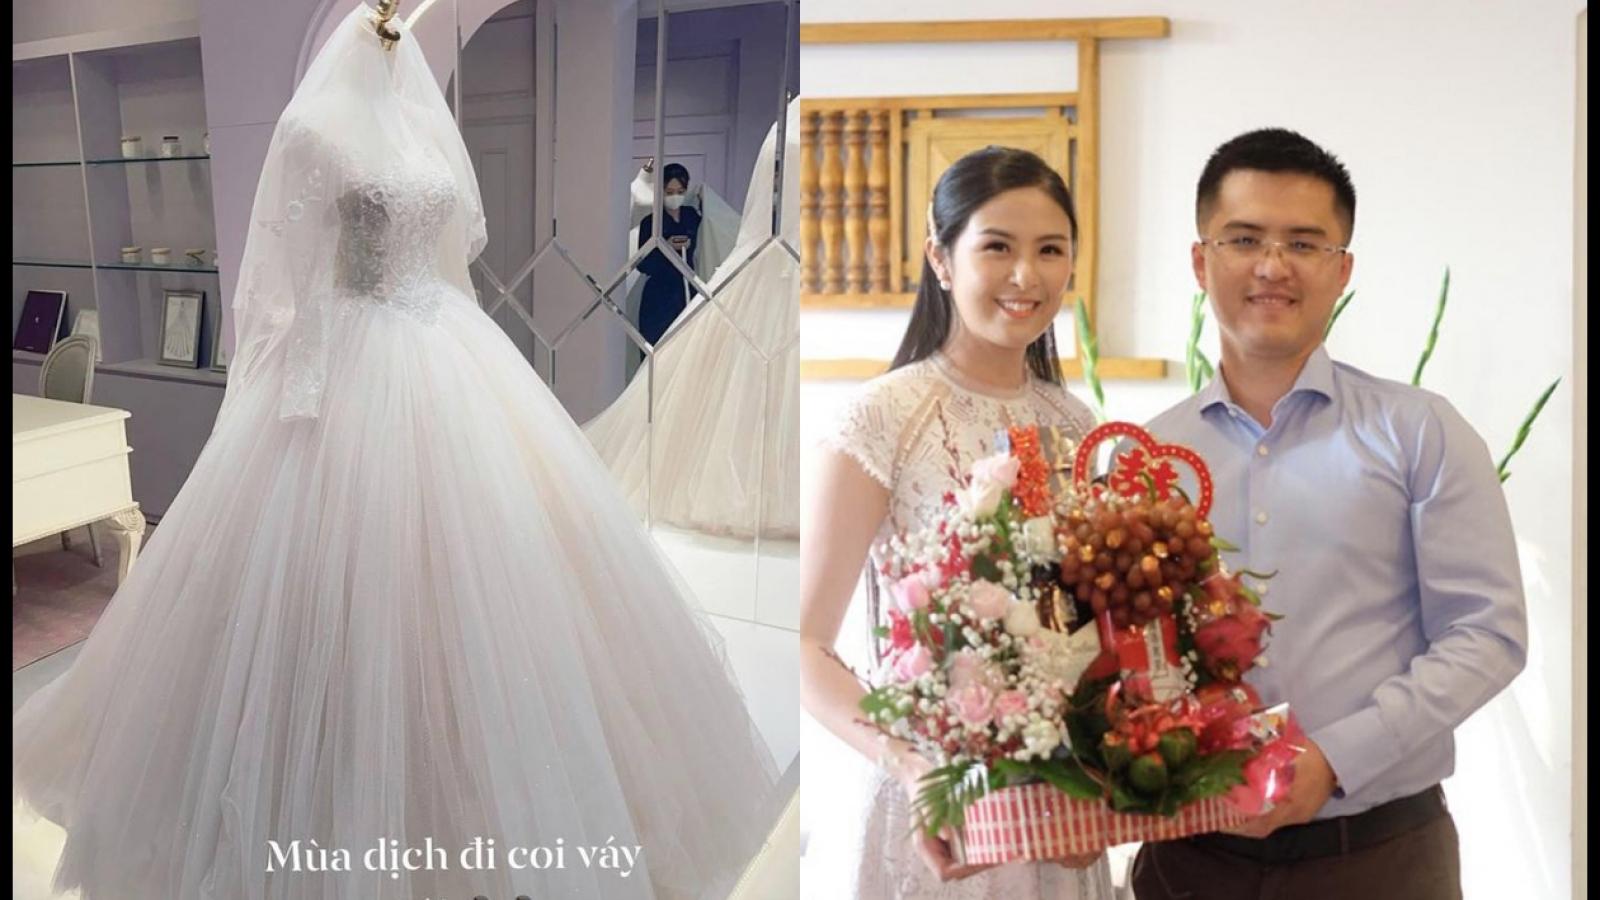 Chuyện showbiz: Hoa hậu Ngọc Hân hé lộ váy cưới, nghi vấn hôn lễ sắp diễn ra